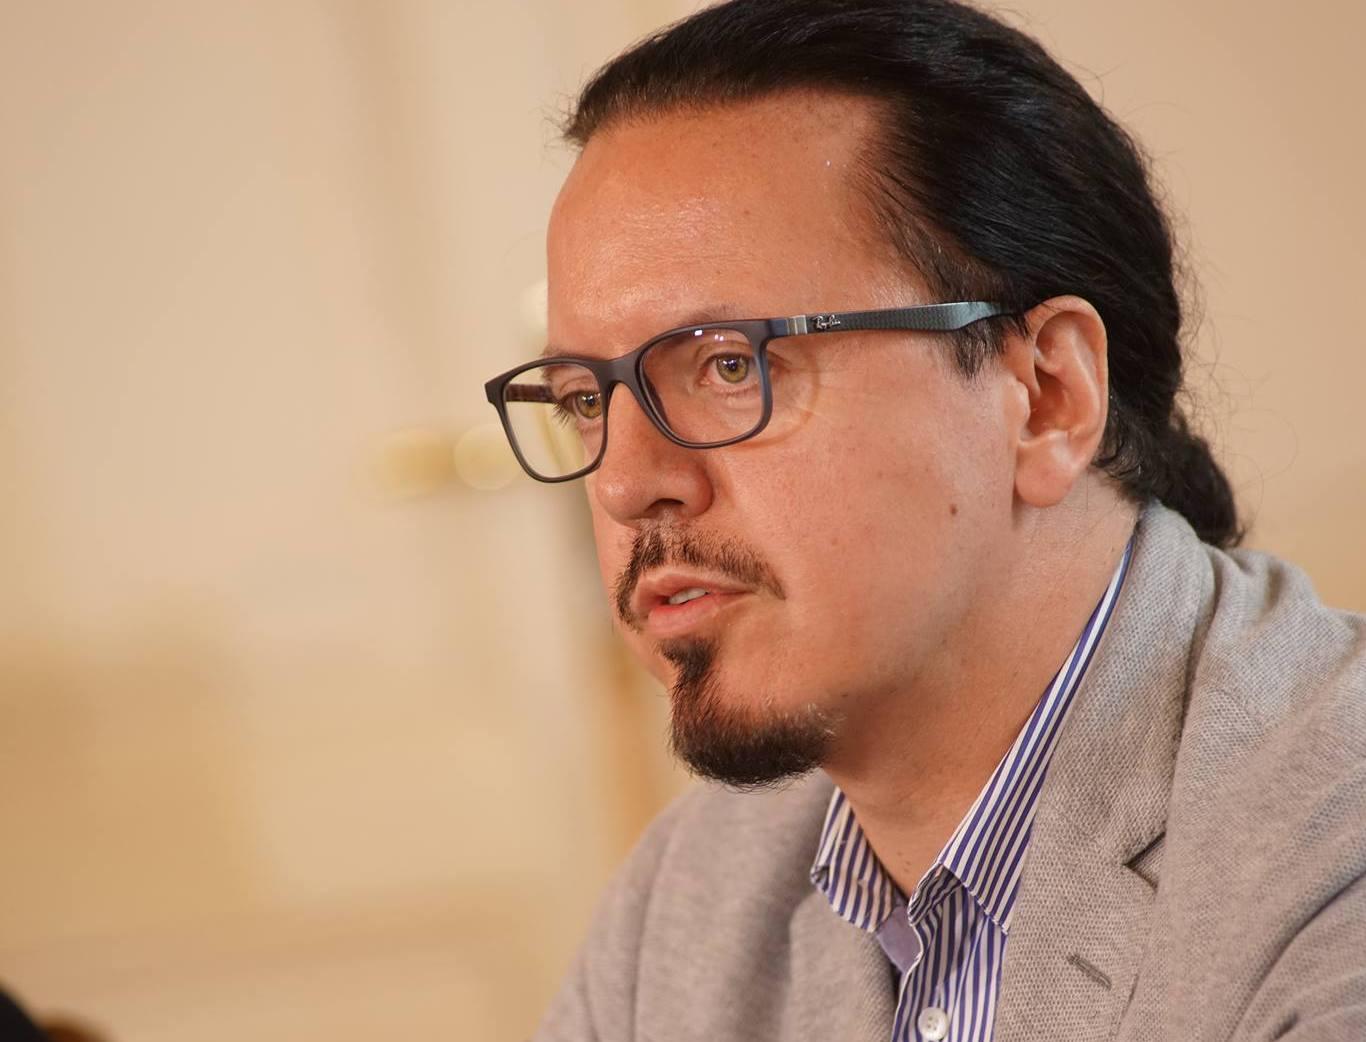 Балчун: Реформа Укрзалізниці - это пот, кровь, слезы и смирение